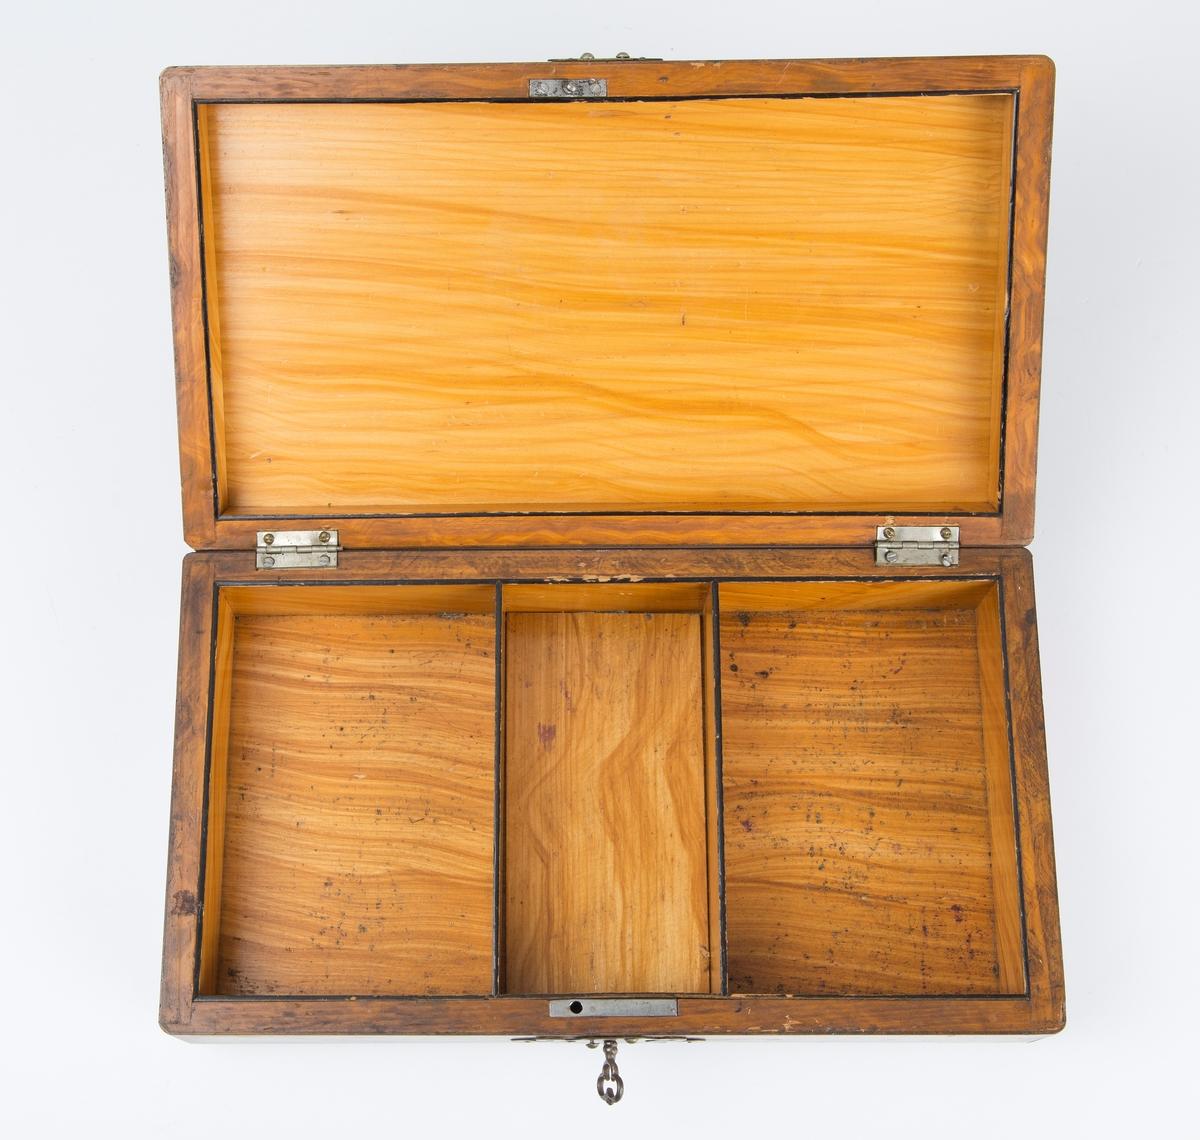 Dekorativ trekasse med nøkkel og 4 mindre esker inni (en lokk mangler). Hver boks full av plastflis.